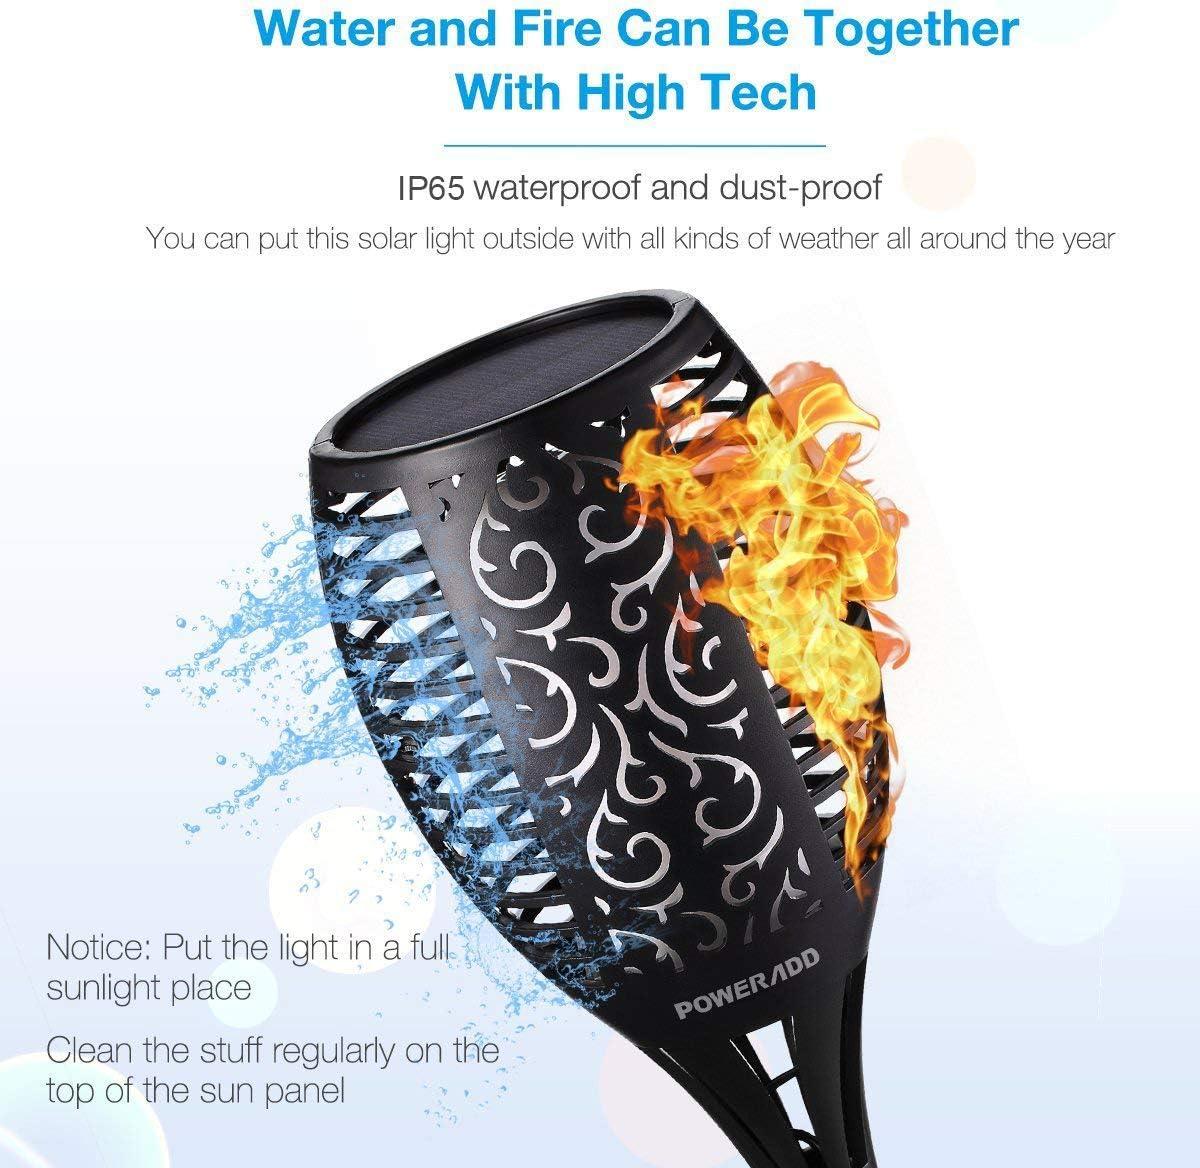 allumage et arr/êt automatiques Swonuk Lampe solaire de jardin /étanche IP65 avec flammes r/éalistes